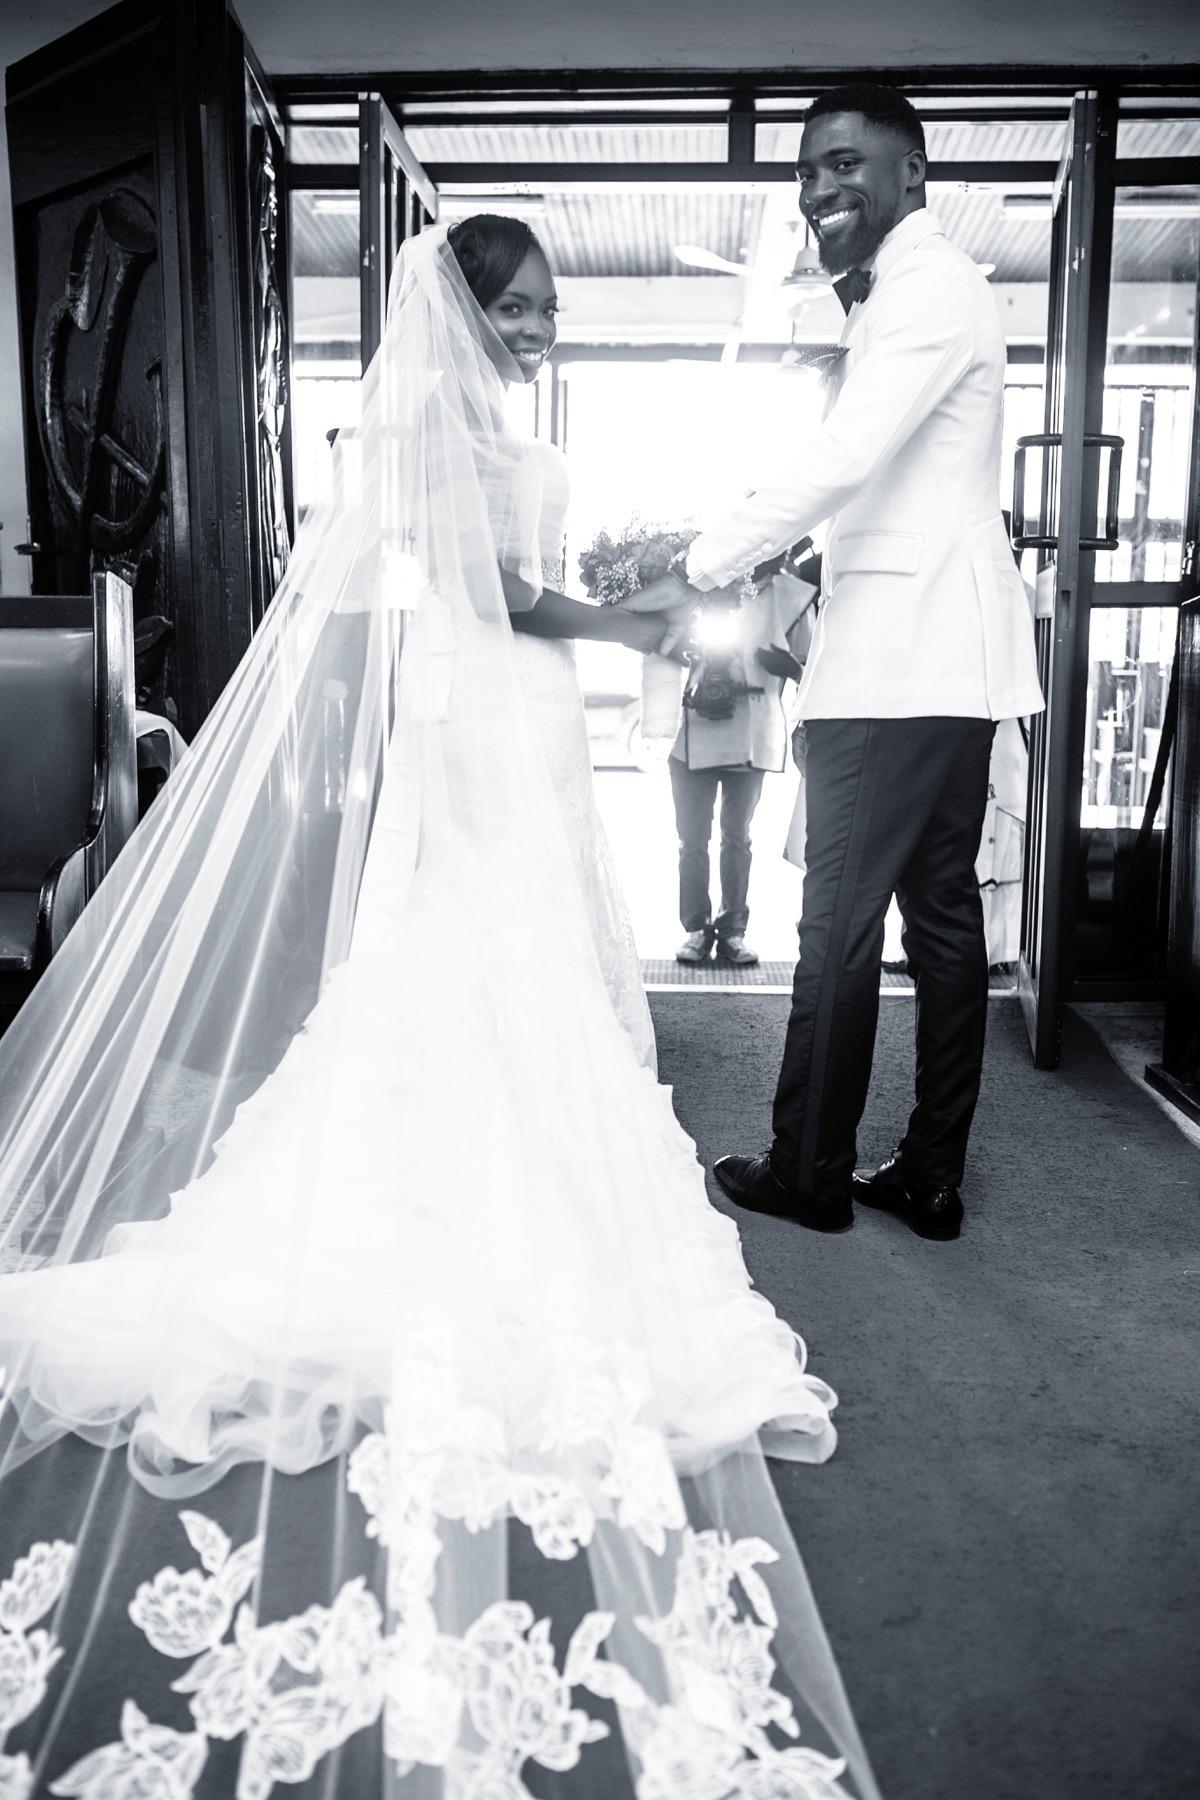 Slam2014 - Segi and Olamide Adedeji's Wedding in Ruby Gardens Nigeria 119